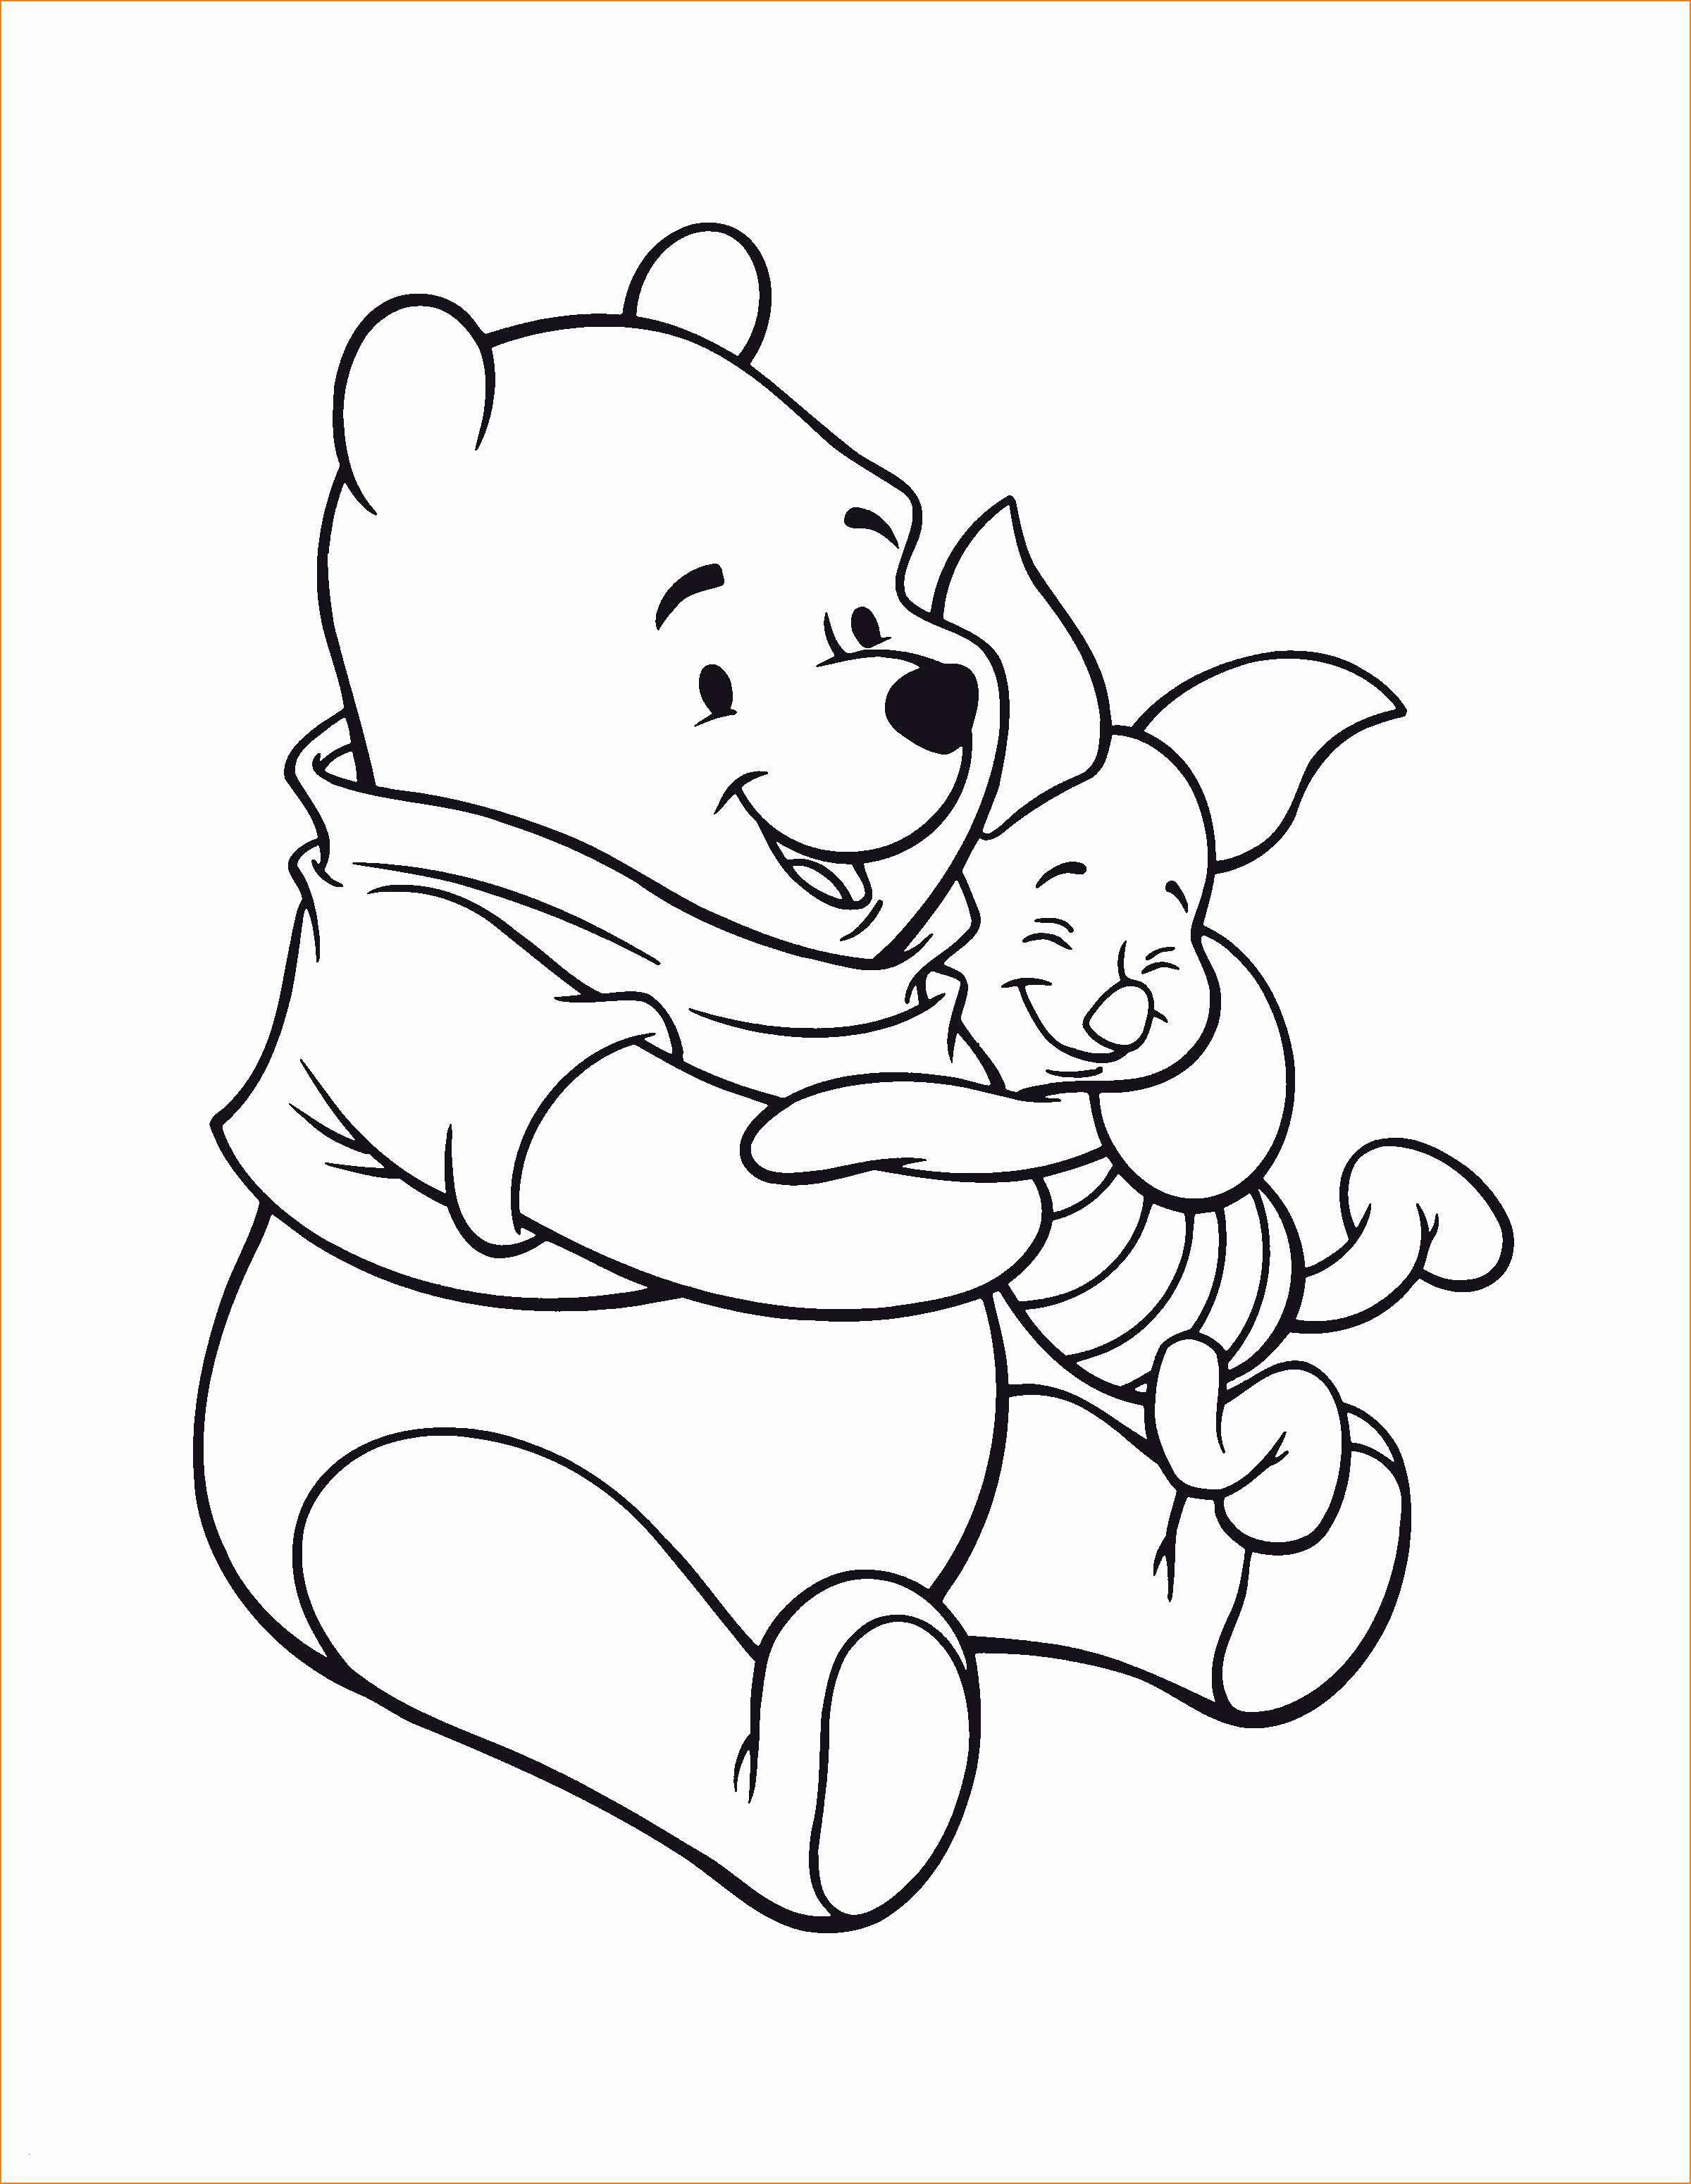 Winni Pooh Ausmalbilder Genial Winnie Pooh Buchstaben Malvorlagen Schön Media Cache Ak0 Pinimg Bilder